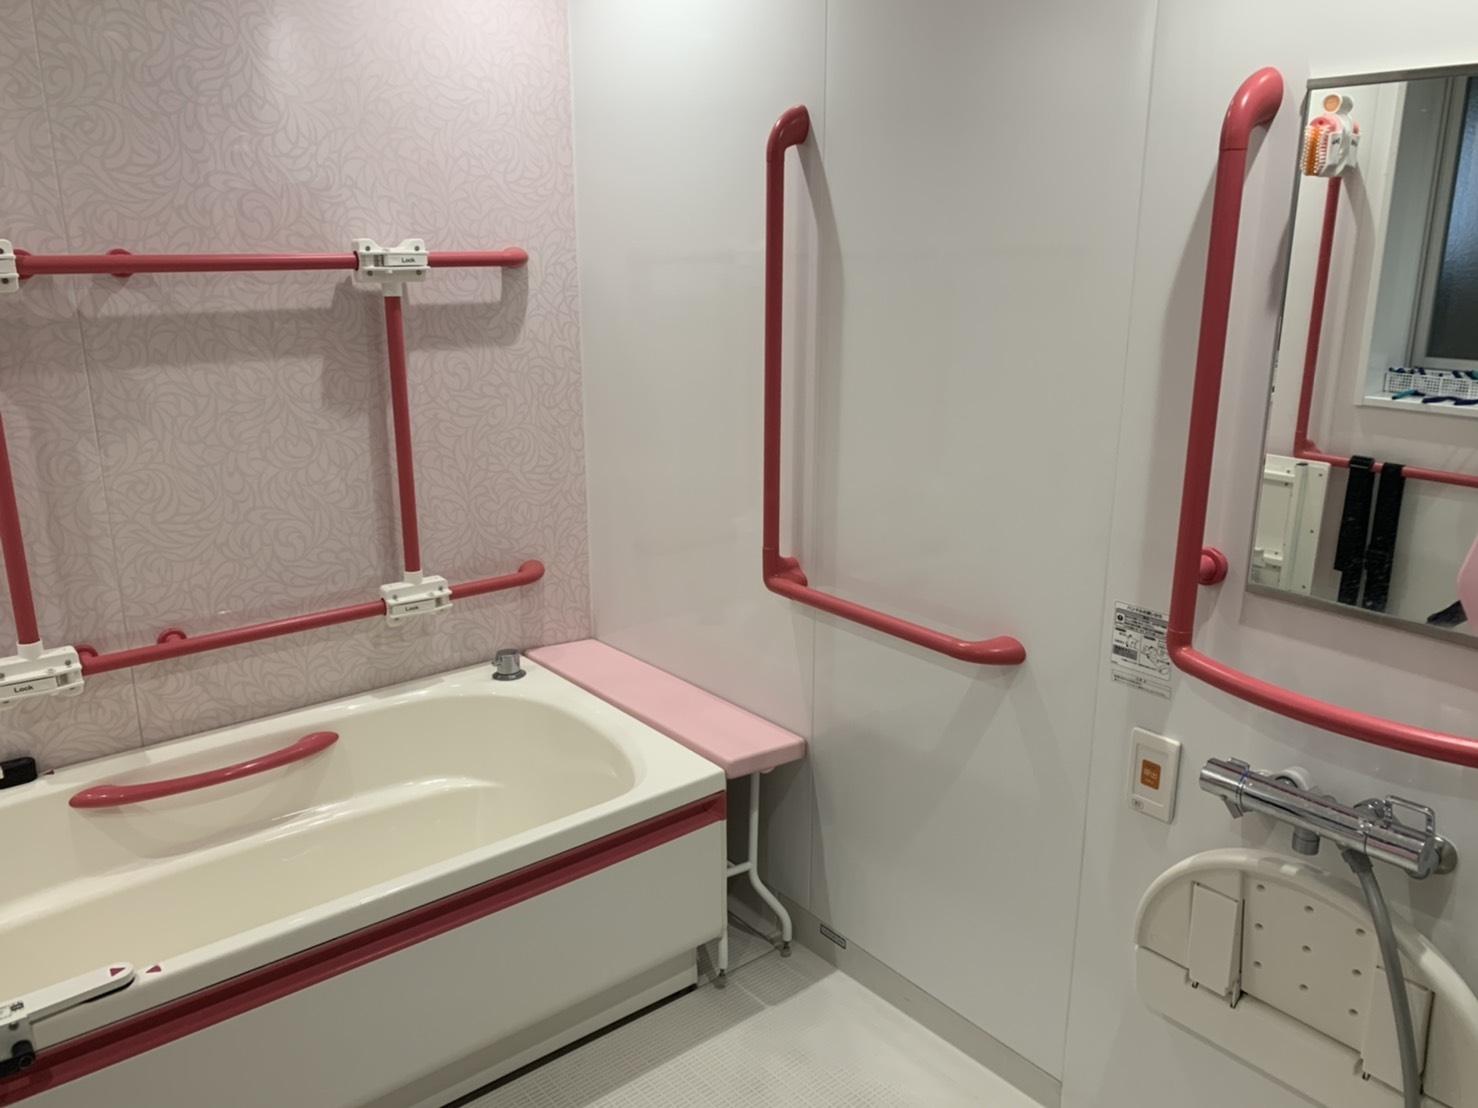 【介護浴槽の価格(値段)と評判】おすすめの特殊浴槽